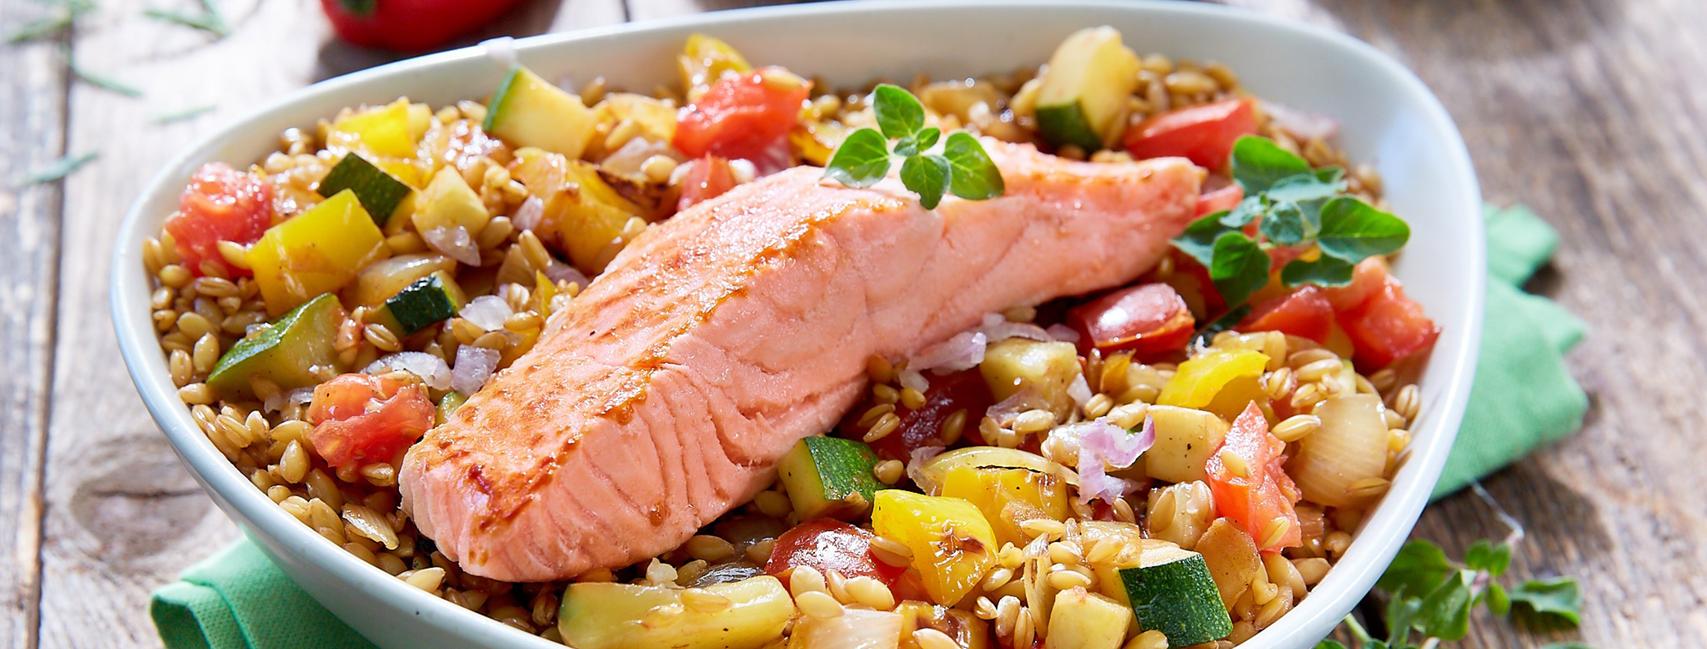 Poêlée de saumon mariné aux légumes, accompagné d'épeautre